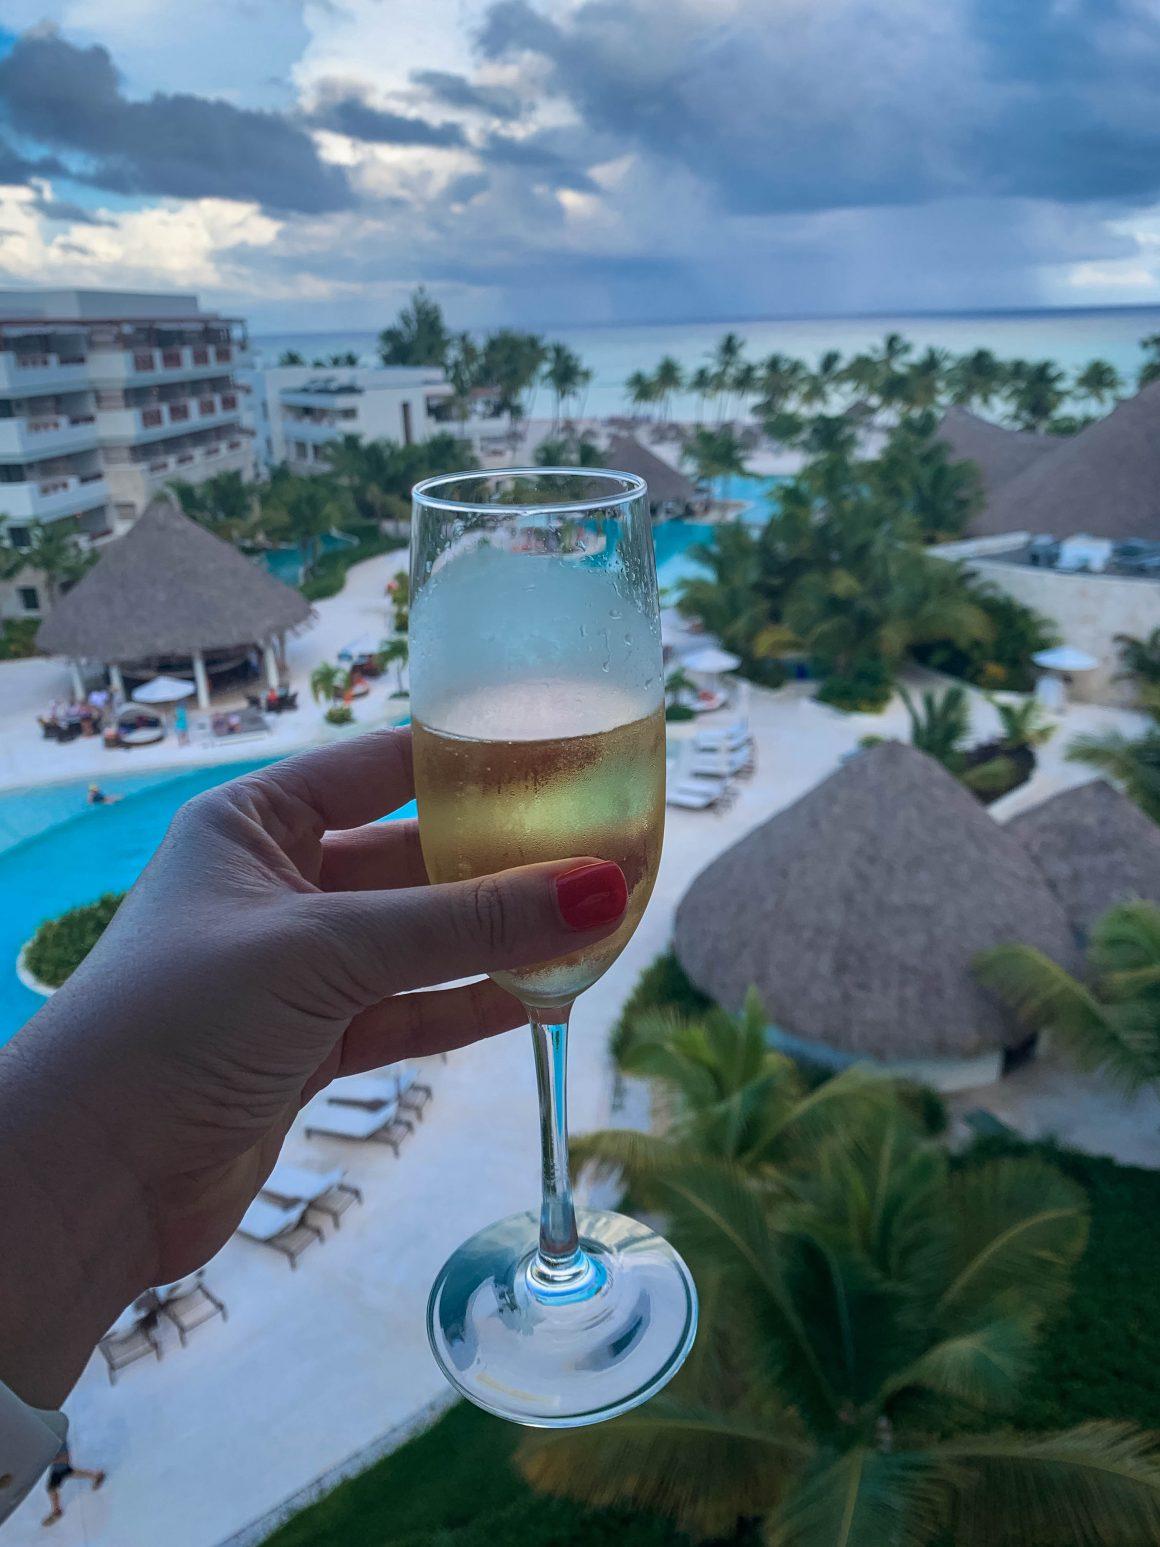 Taking a Break in Punta Cana